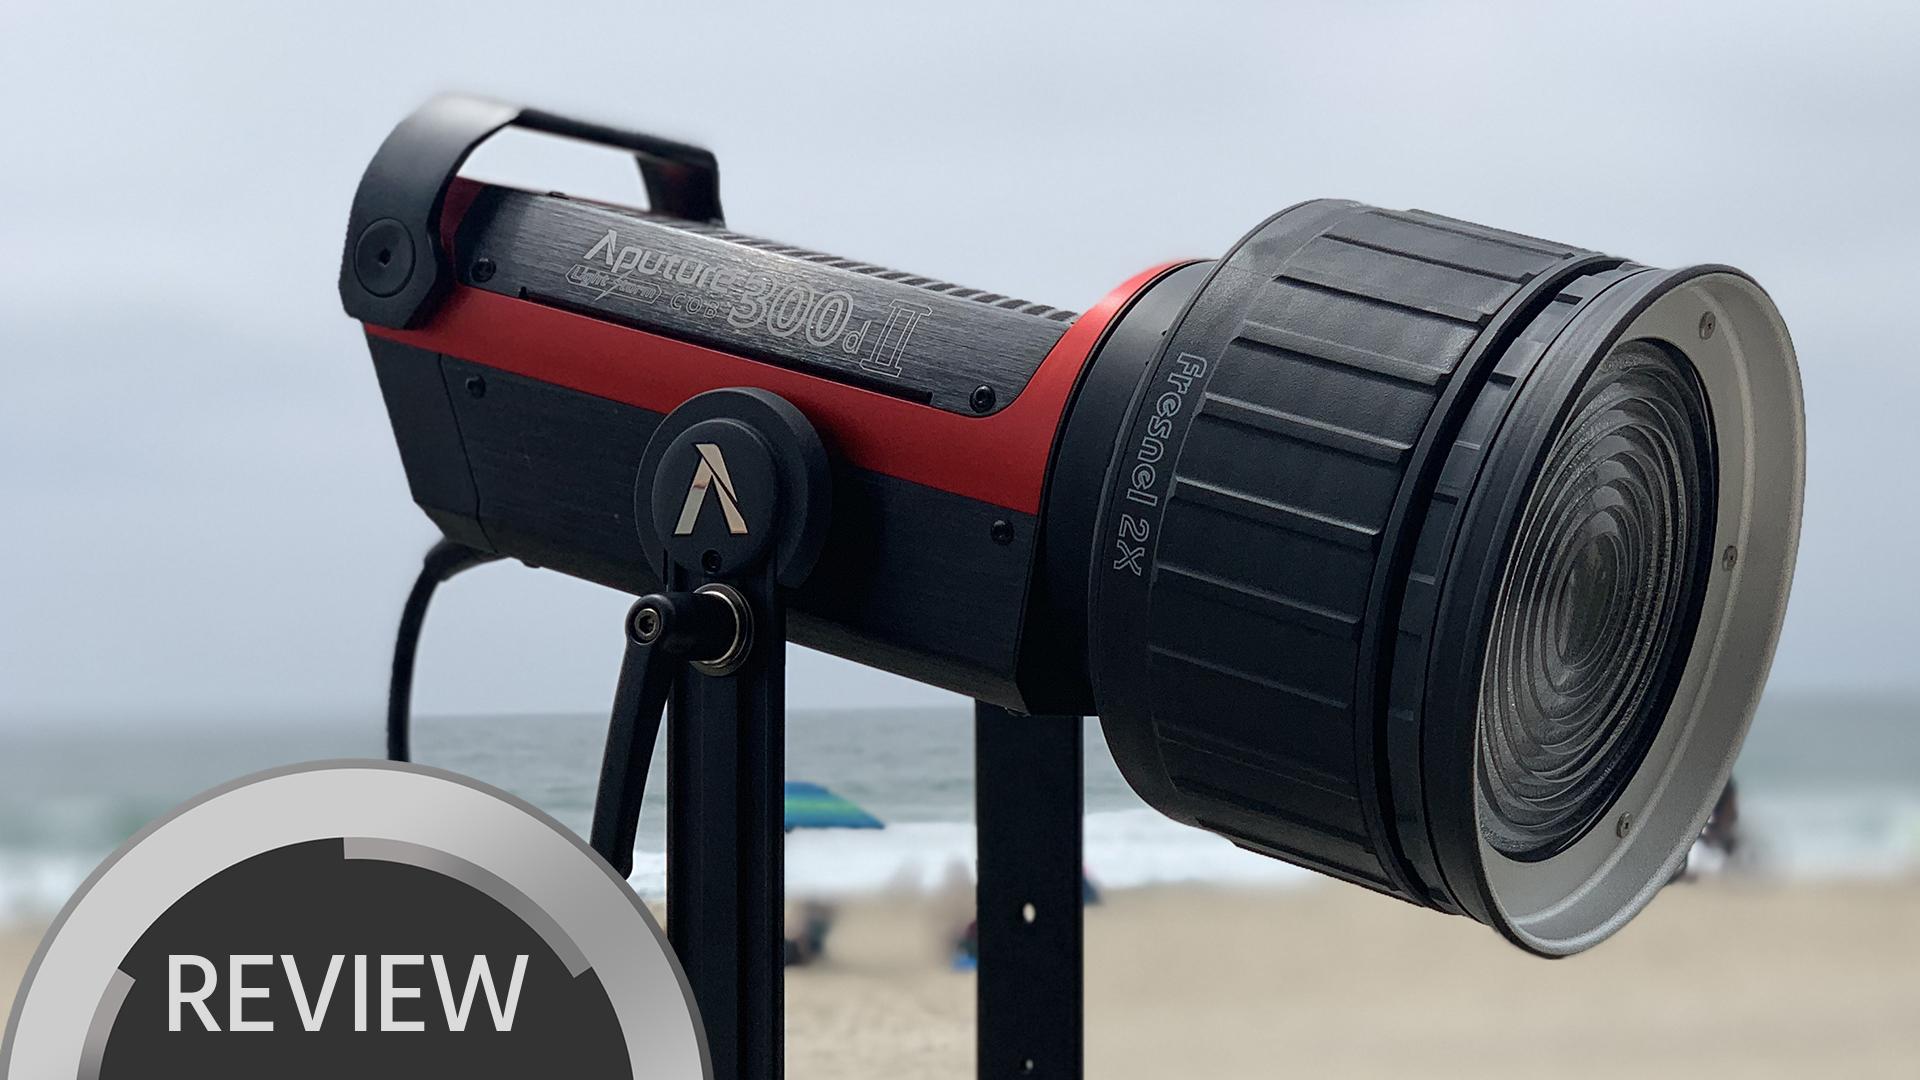 Reseña del Aputure 300D MK II - la mejor luz de Aputure a la fecha